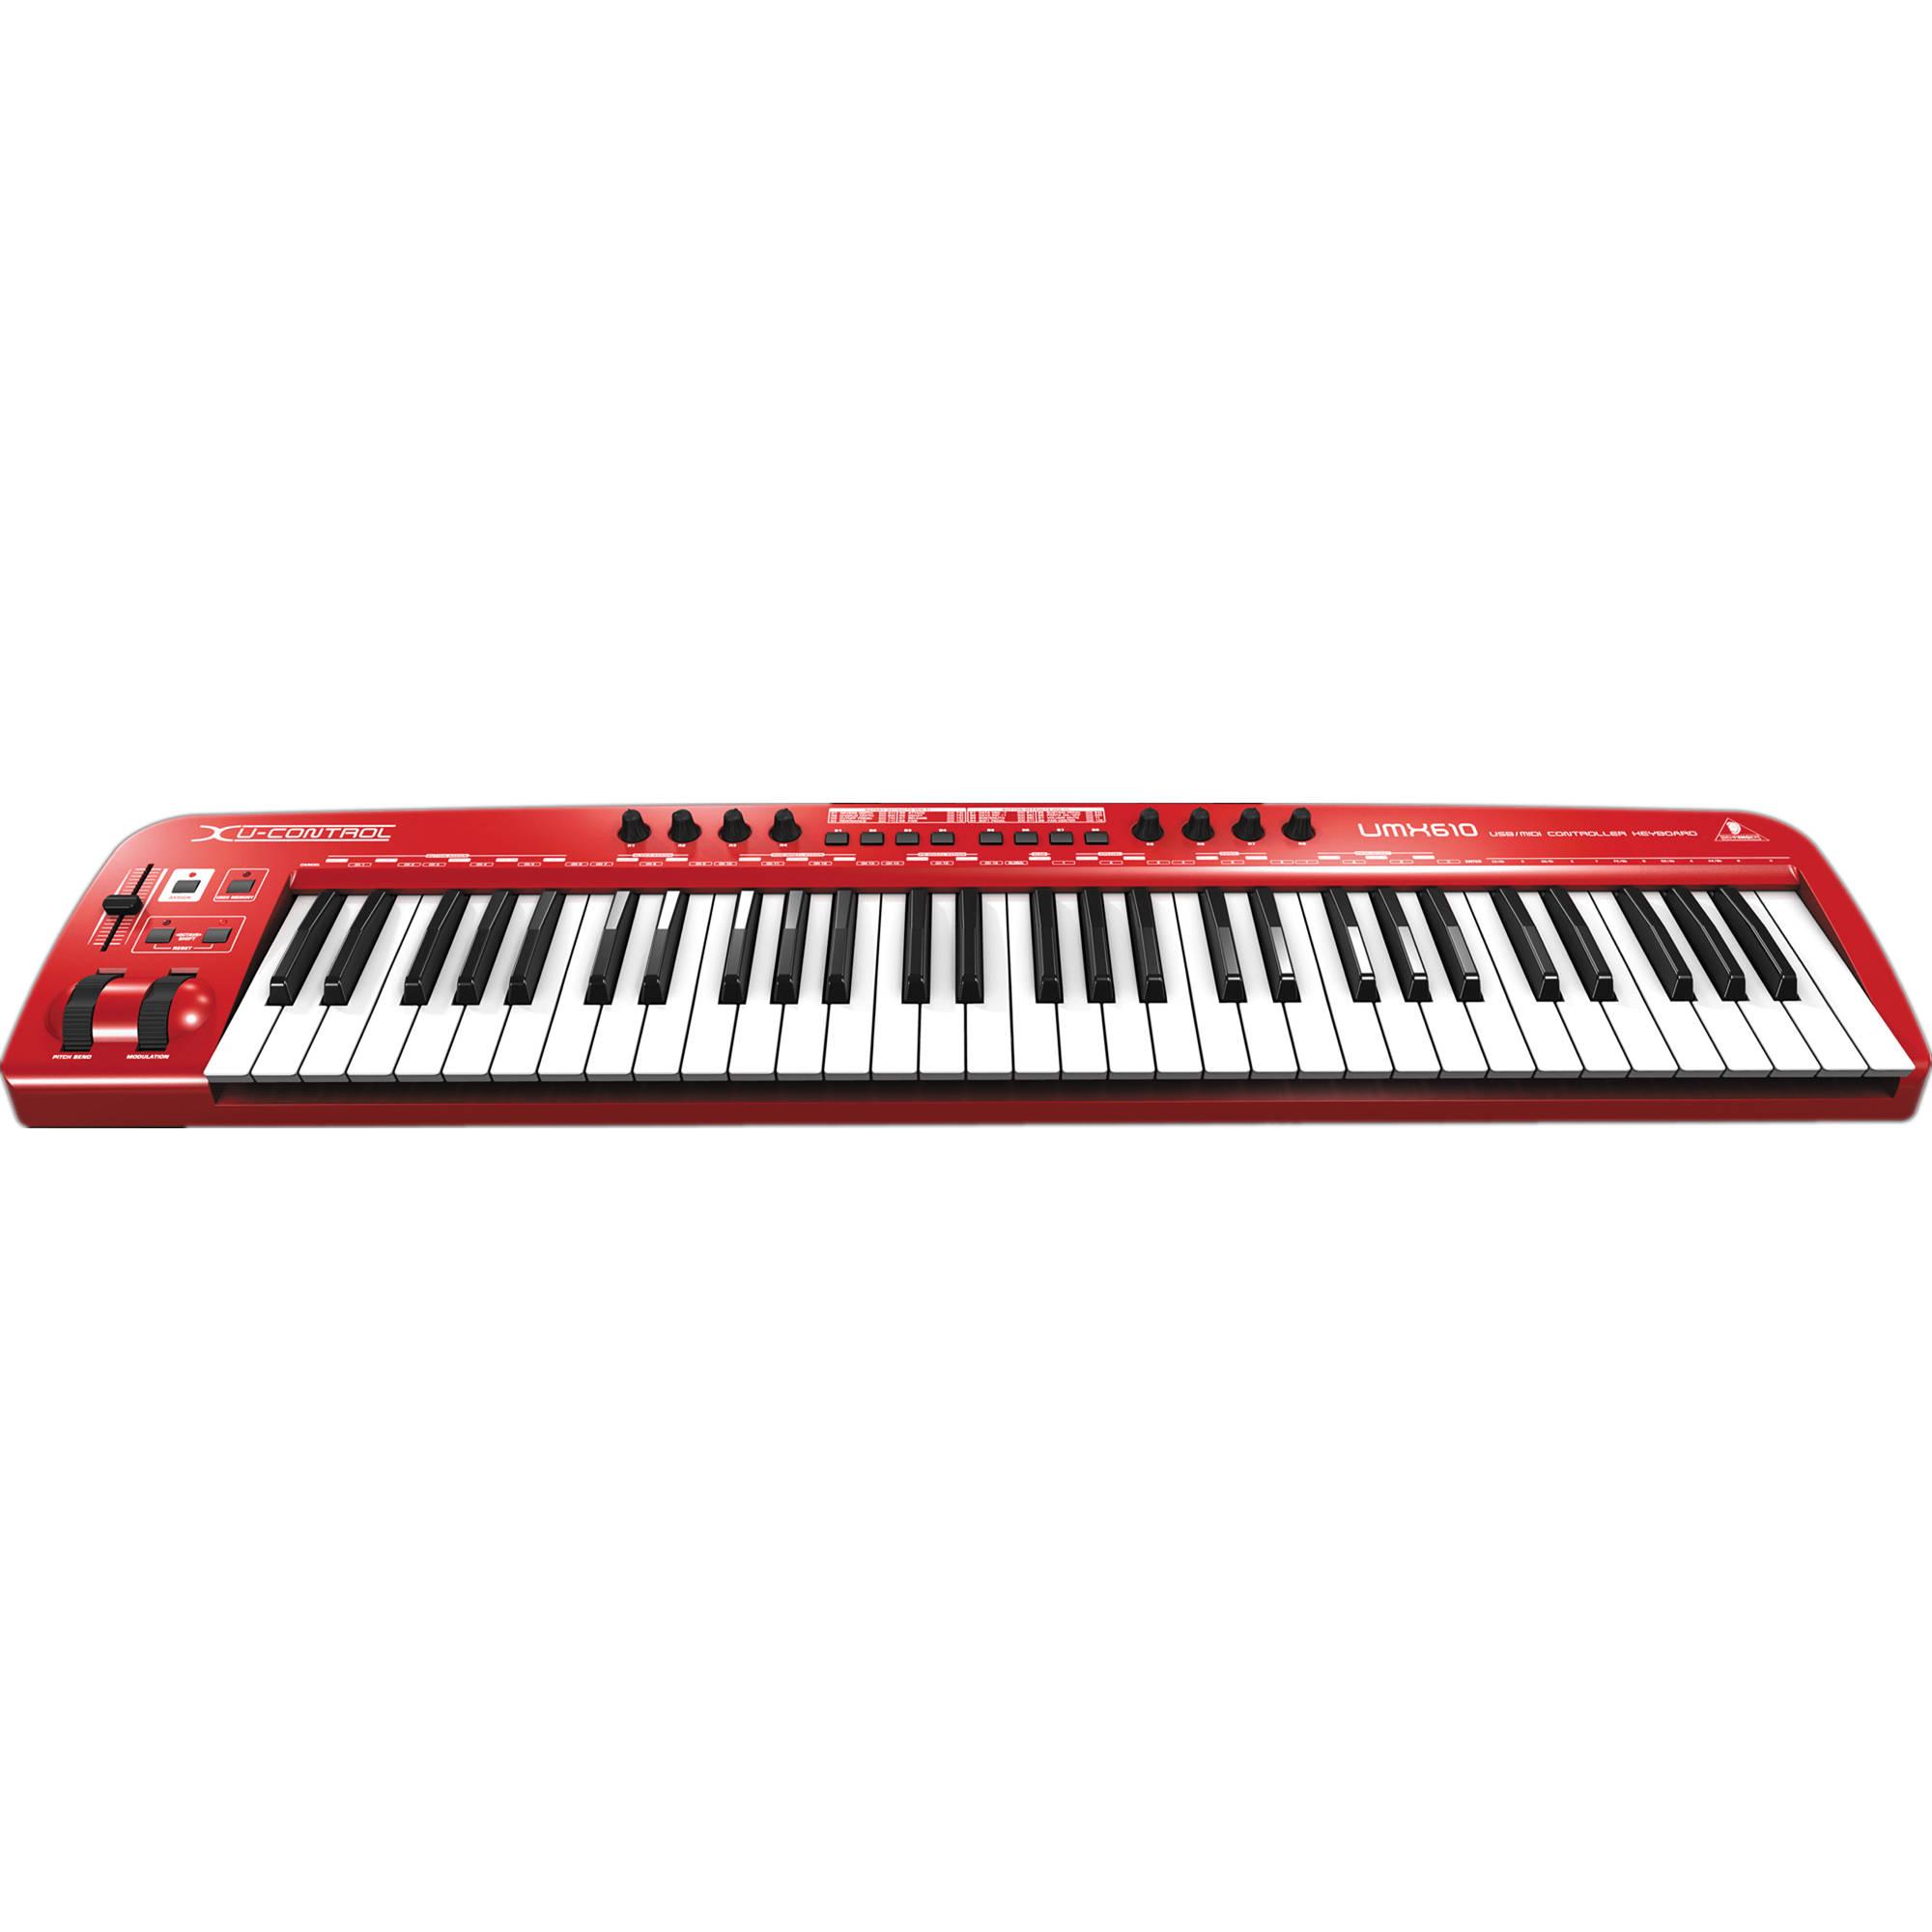 behringer umx610 usb midi keyboard controller umx610 b h photo. Black Bedroom Furniture Sets. Home Design Ideas